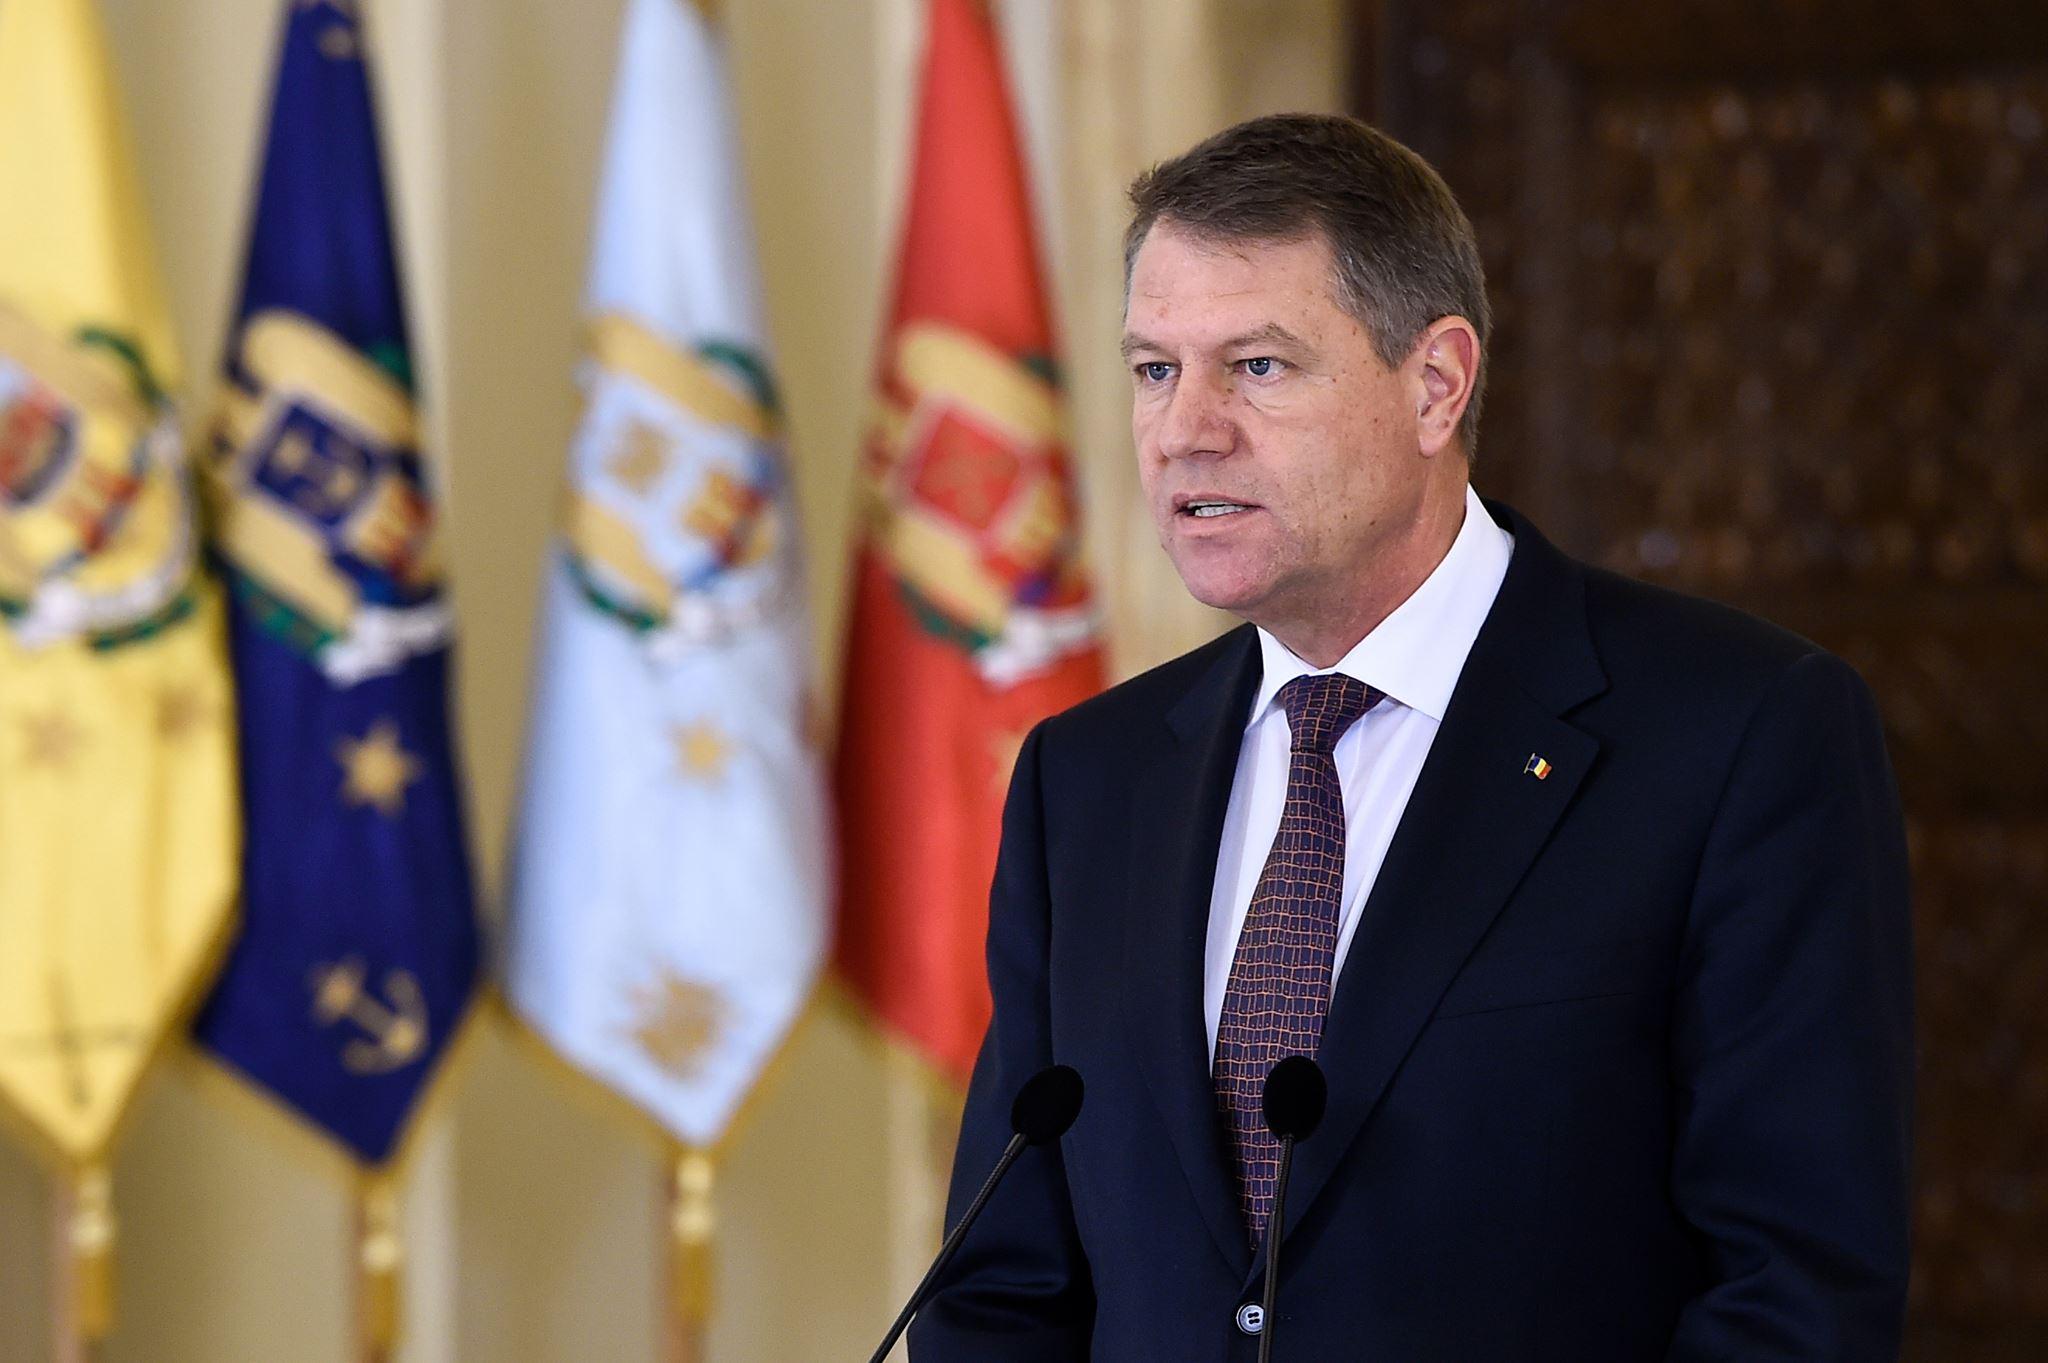 Presedintele Romaniei Klaus Iohannis